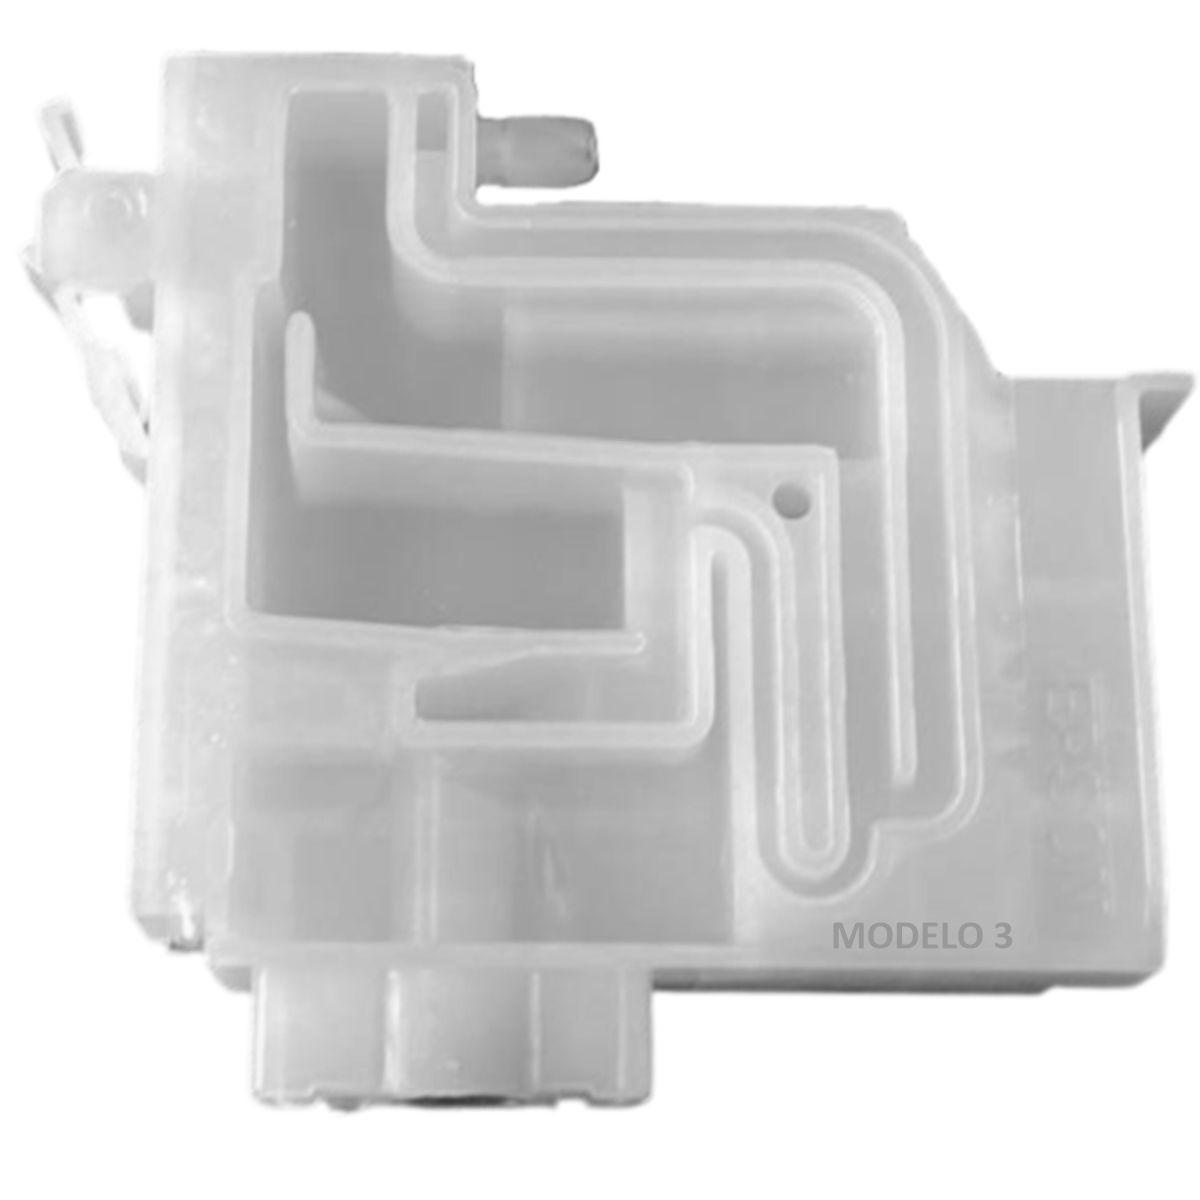 """Cartucho de Reposição """"Damper"""" para Impressoras Epson EcoTank L4150, L4160, L6161, L6171, L6191 (Modelo 3 - Preto)"""